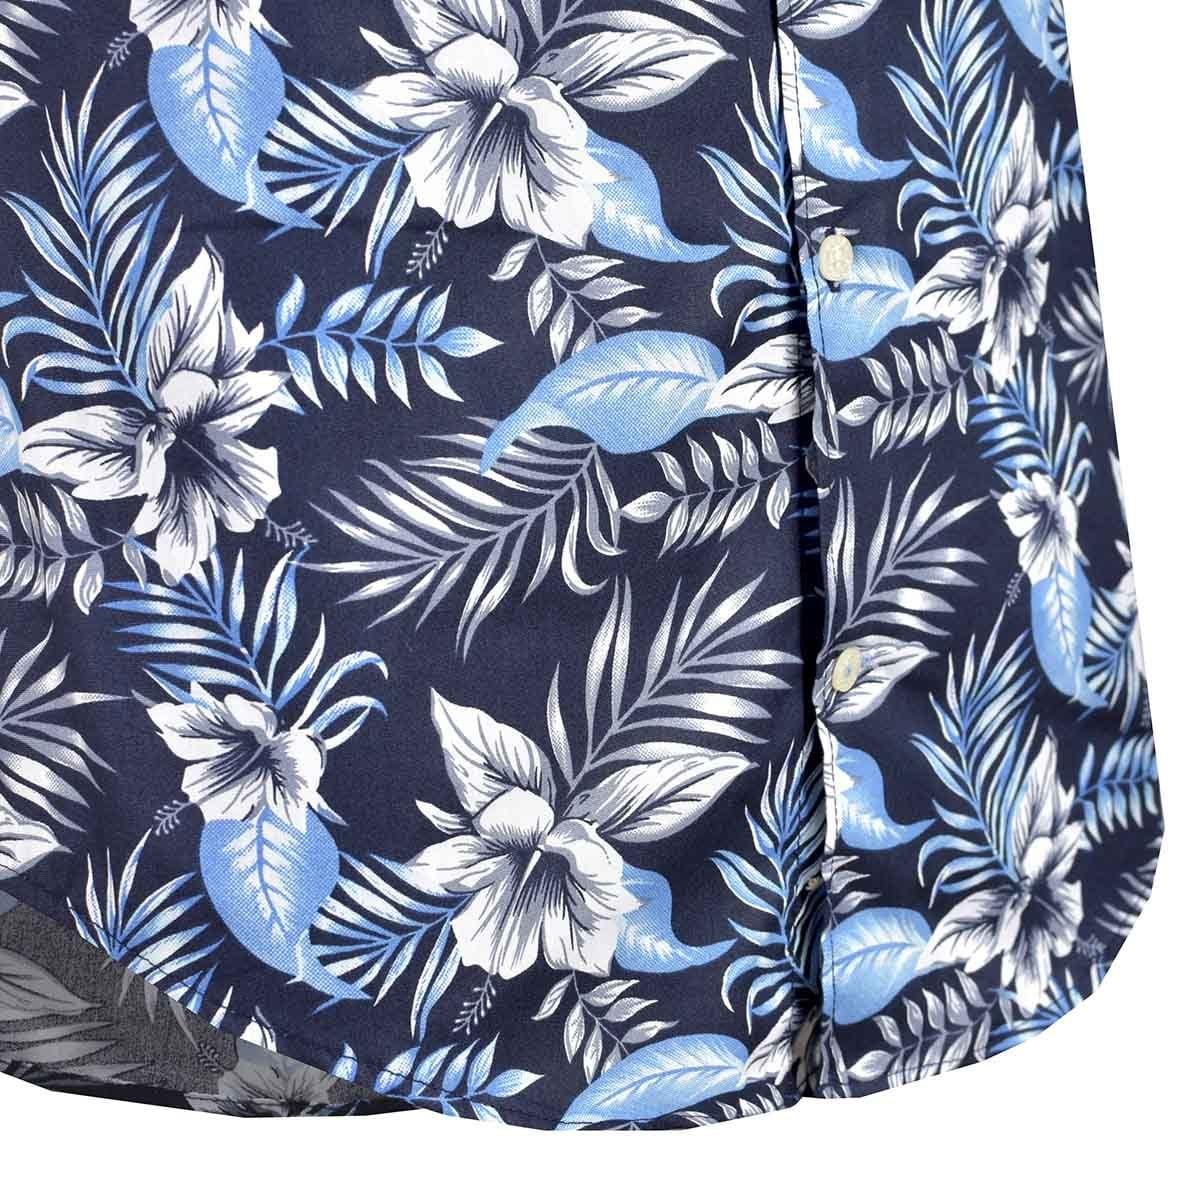 Camisa de Manga Corta Slim Fit Estampado de Flores Polo Club para Caballero